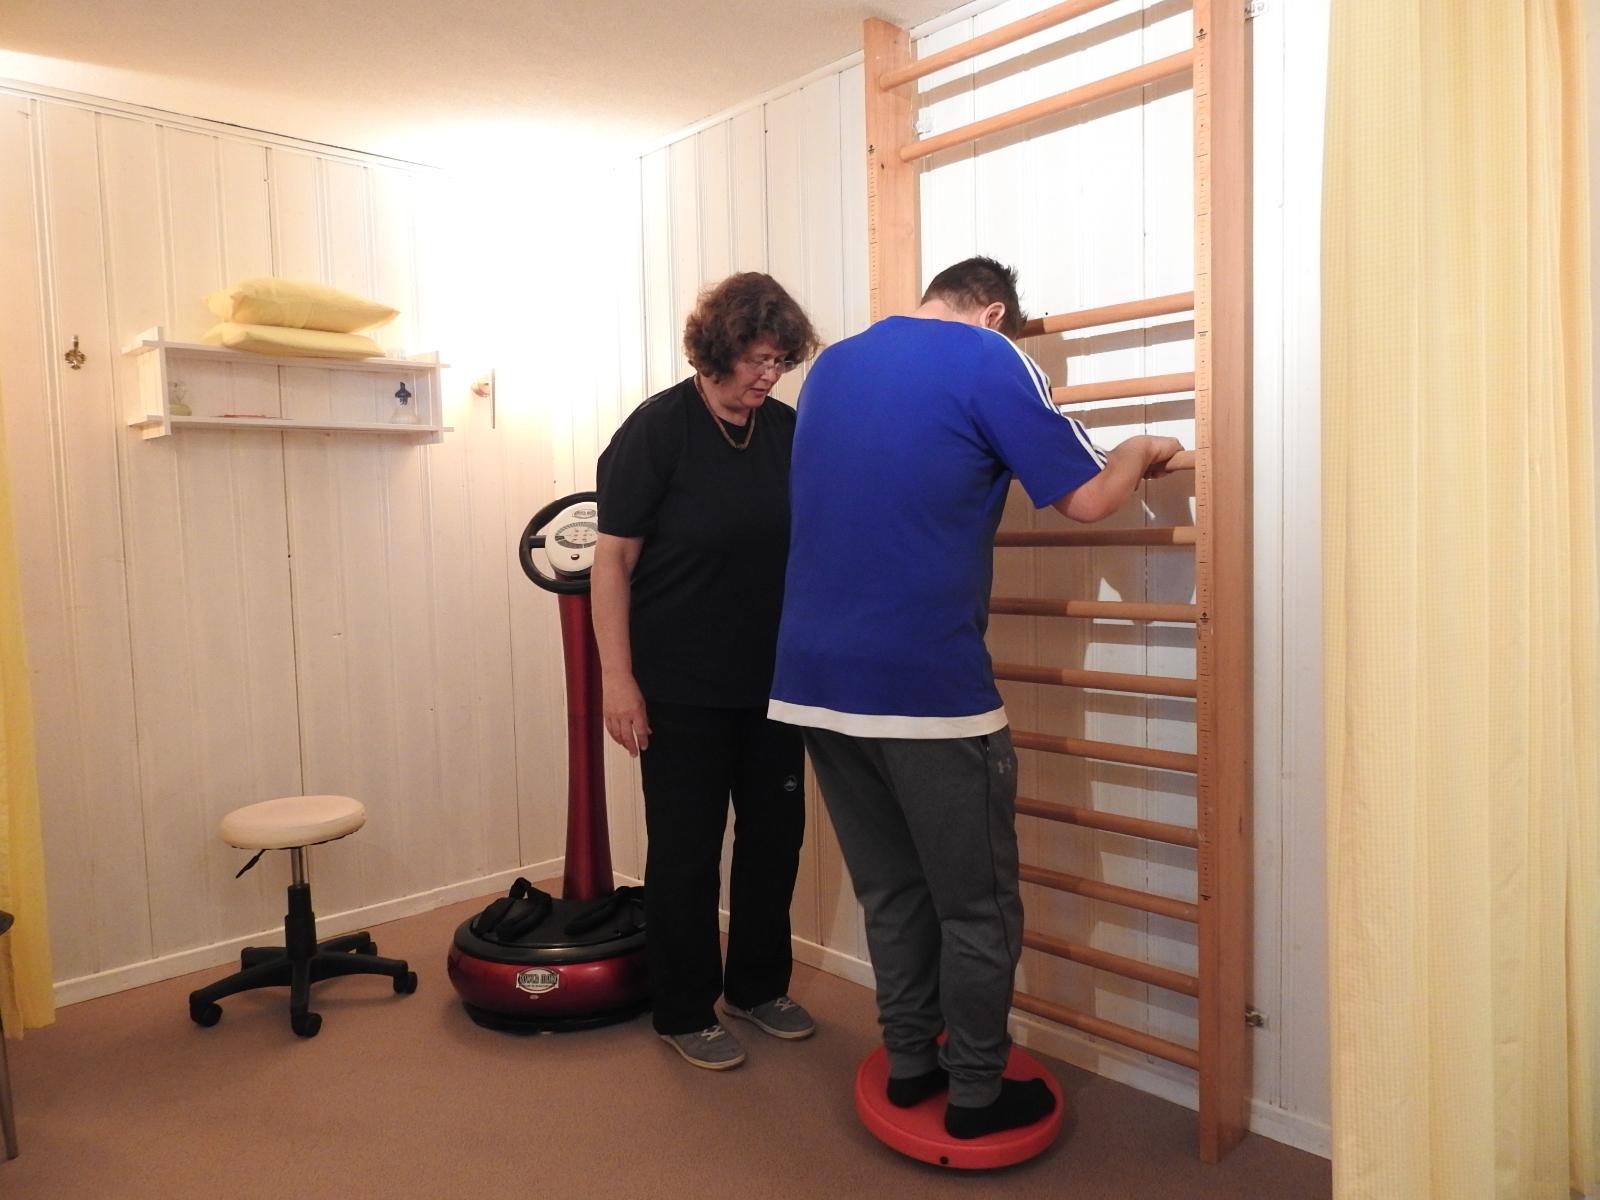 Zur Unterstützung und als weitere Möglichkeit des Muskelaufbaus mit unterschiedlichen Geräten bieten wir das Trainig an der Sprossenwand an.